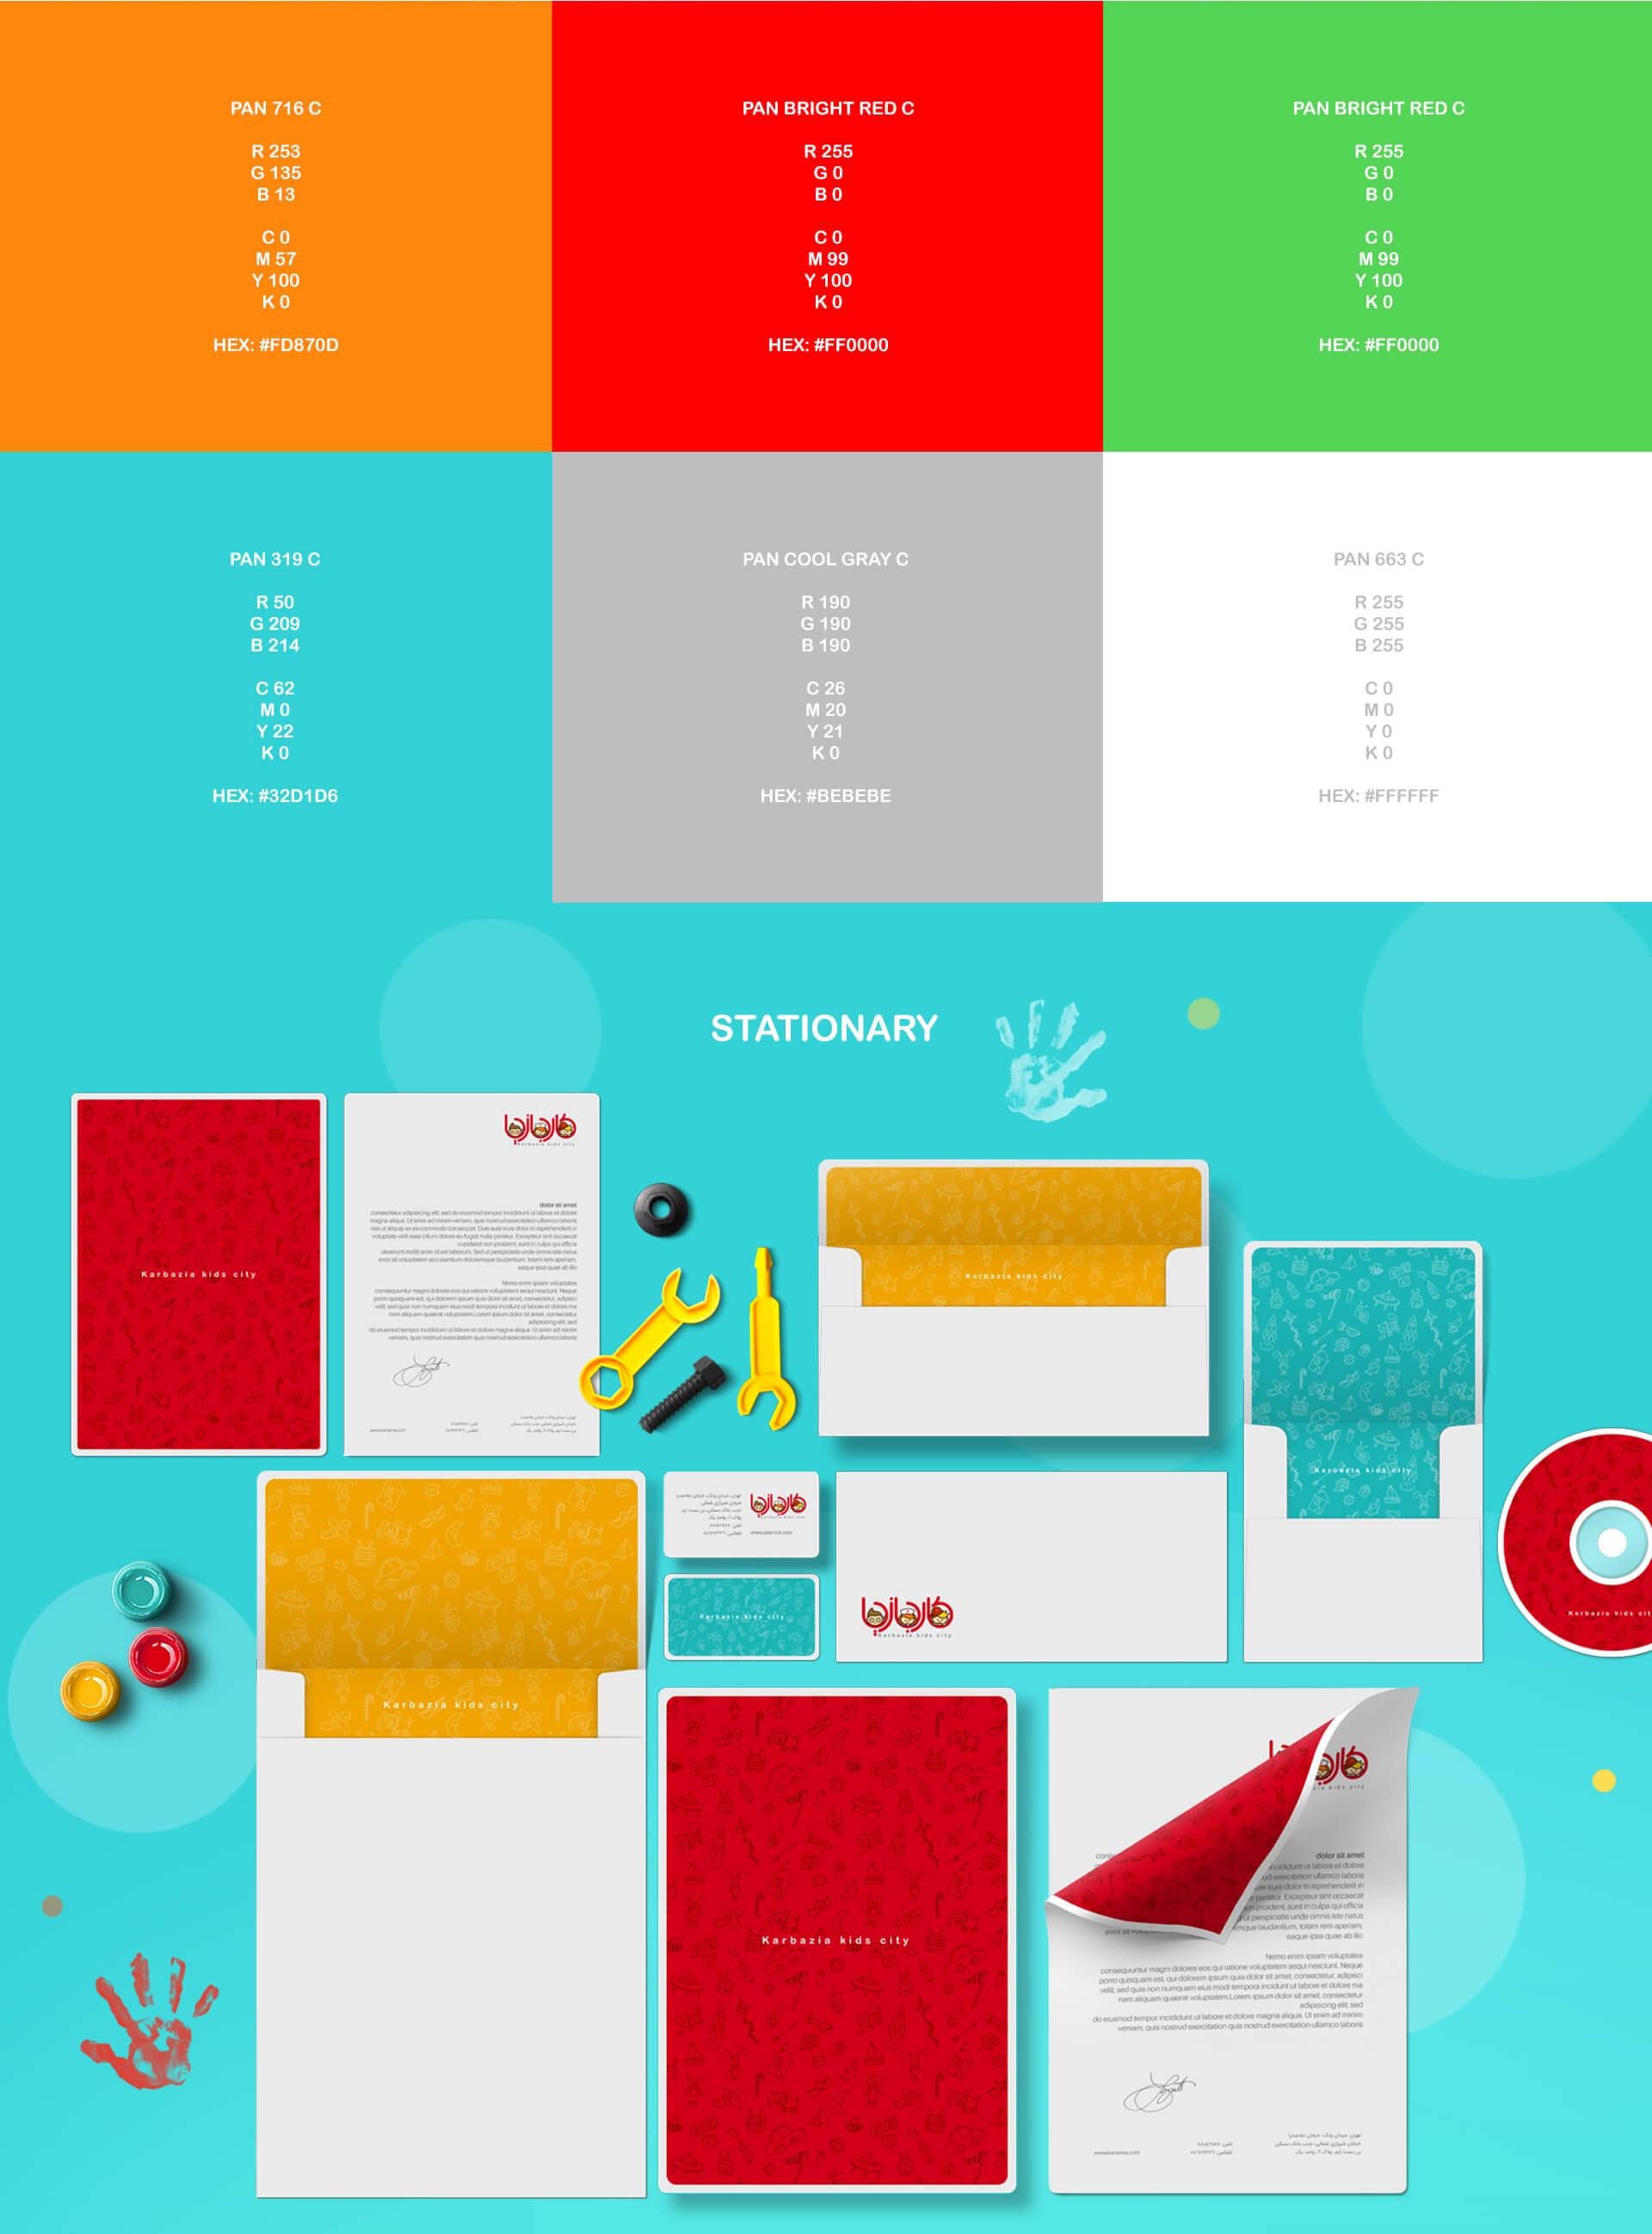 هویت بصری کاربازیا 2، هویت بصری، طراحی لوگو، طراحی لوگوتایپ، طراحی ست اداری، طراحی اوراق اداری، شرکت تبلیغاتی الف، طراحی هویت بصری